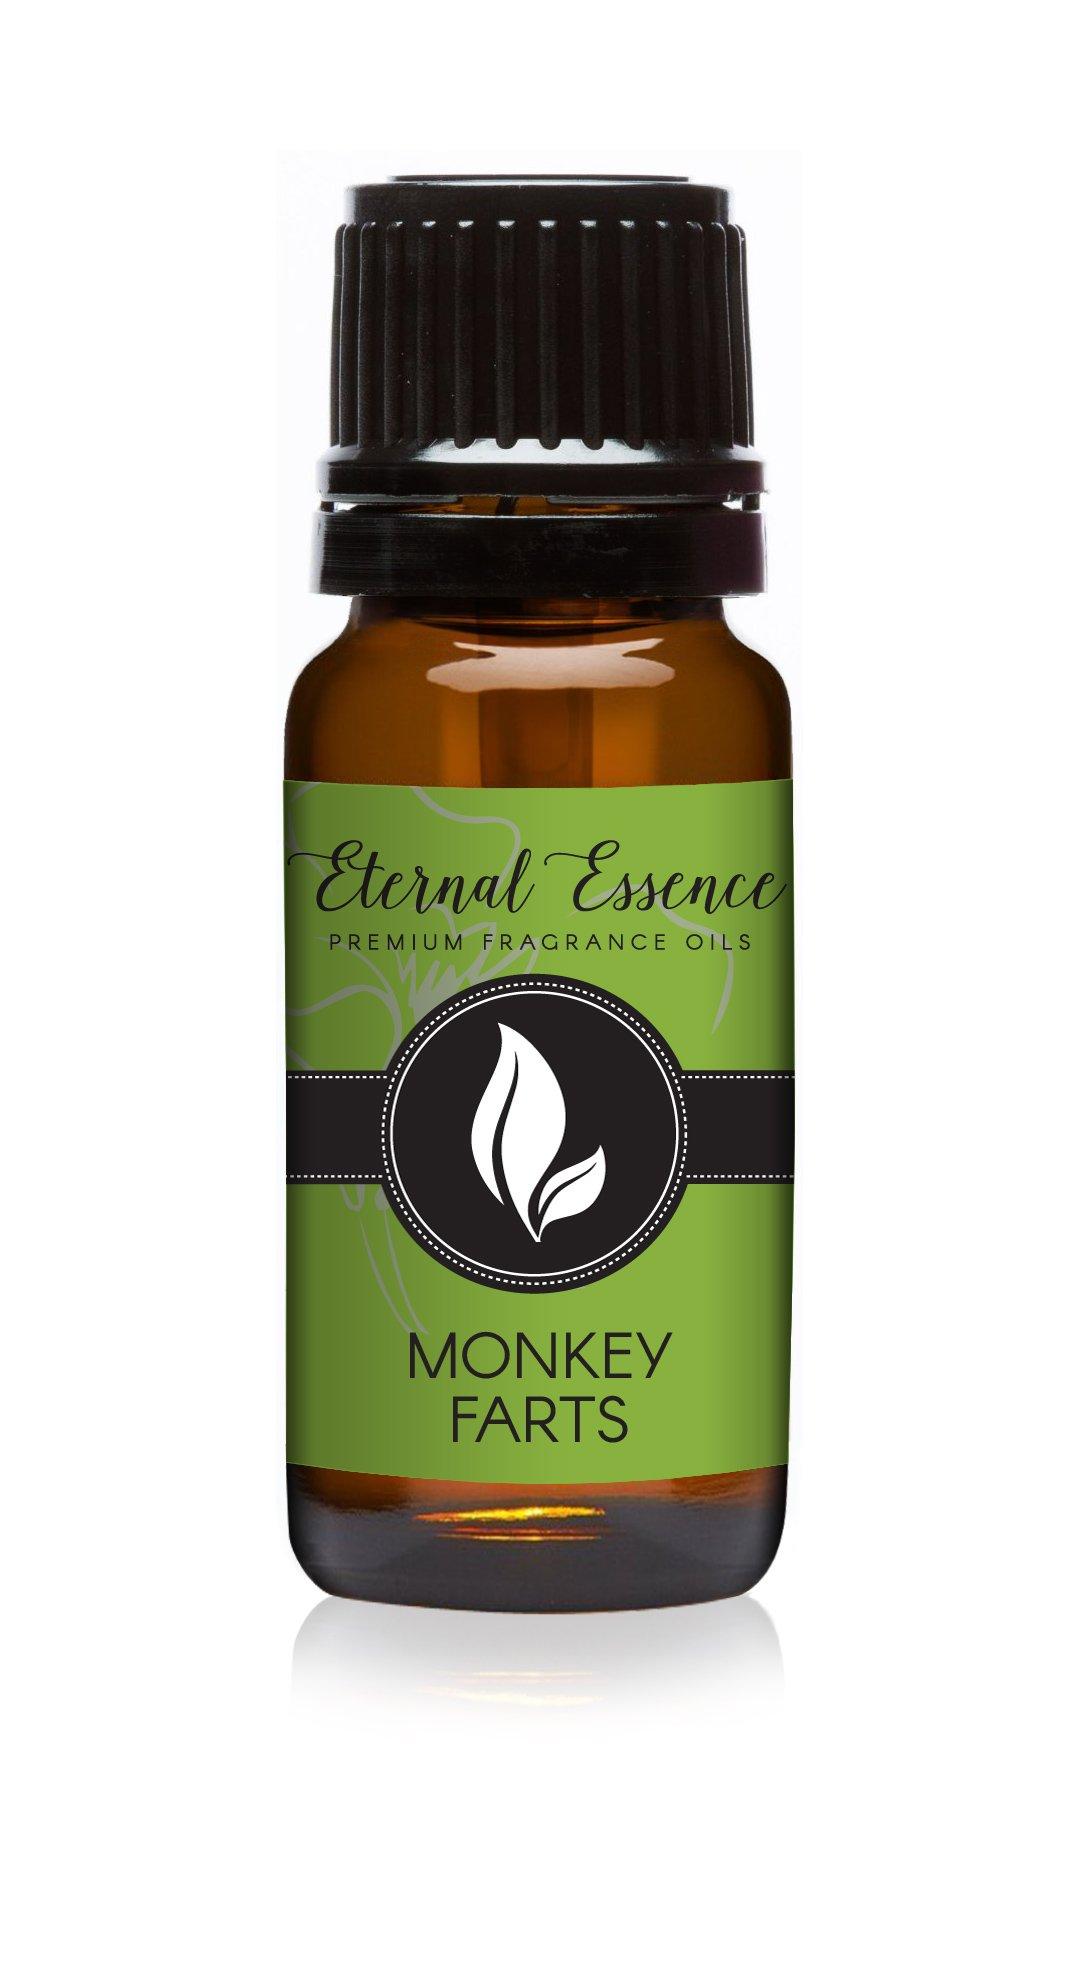 Monkey FartsPremium Fragrance Oil - Scented Oil - 10ml